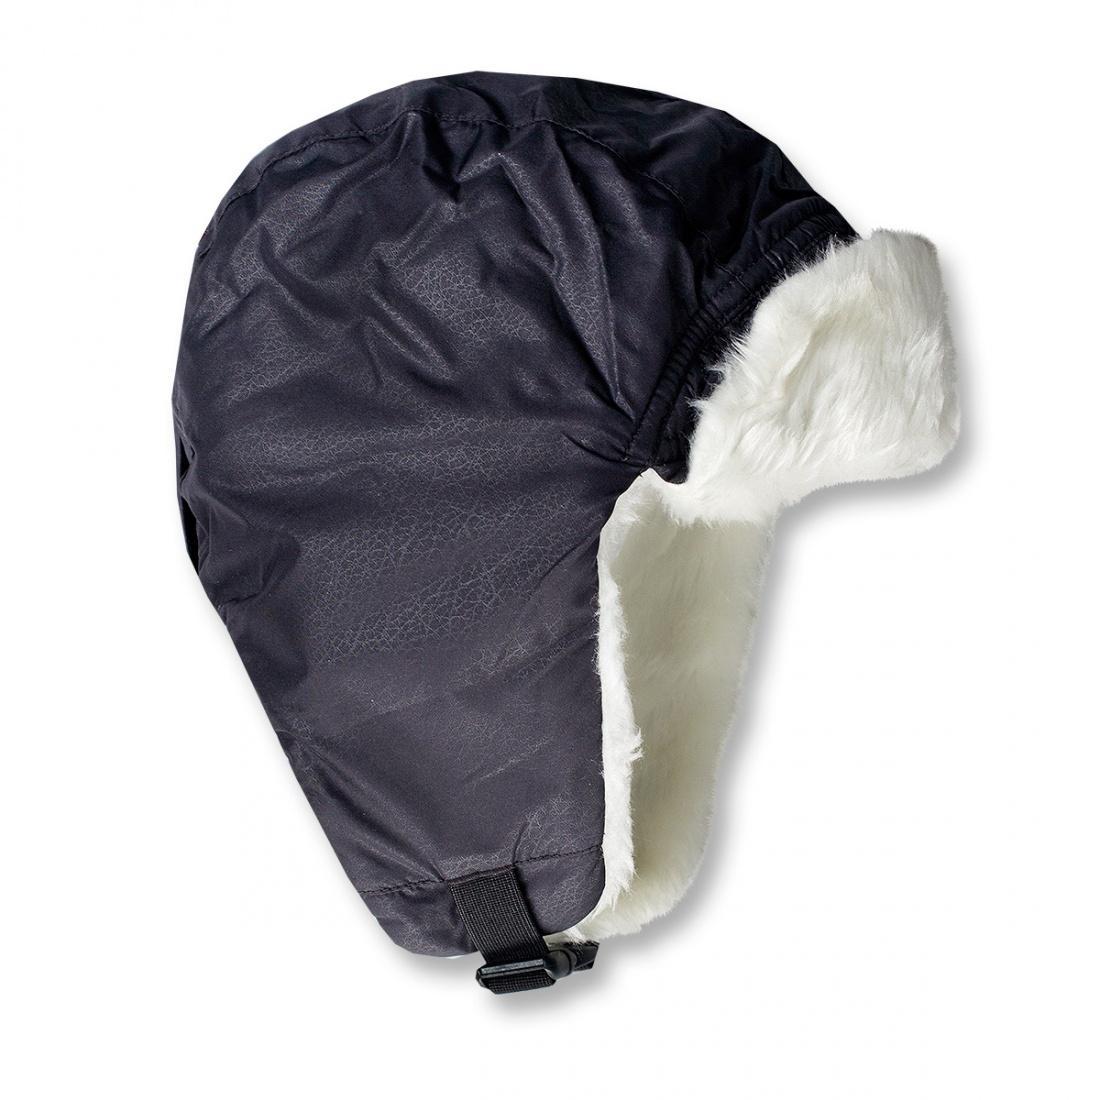 Шапка AmnistiaУшанки<br><br> Удобная шапка-ушанка классического дизайна.<br><br><br> Основные характеристики:<br><br><br>комфортная посадка<br>эргономичная конструкция кроя<br>отделка из искусственного меха<br>регулировка по высоте<br>&lt;...<br><br>Цвет: Серый<br>Размер: 56